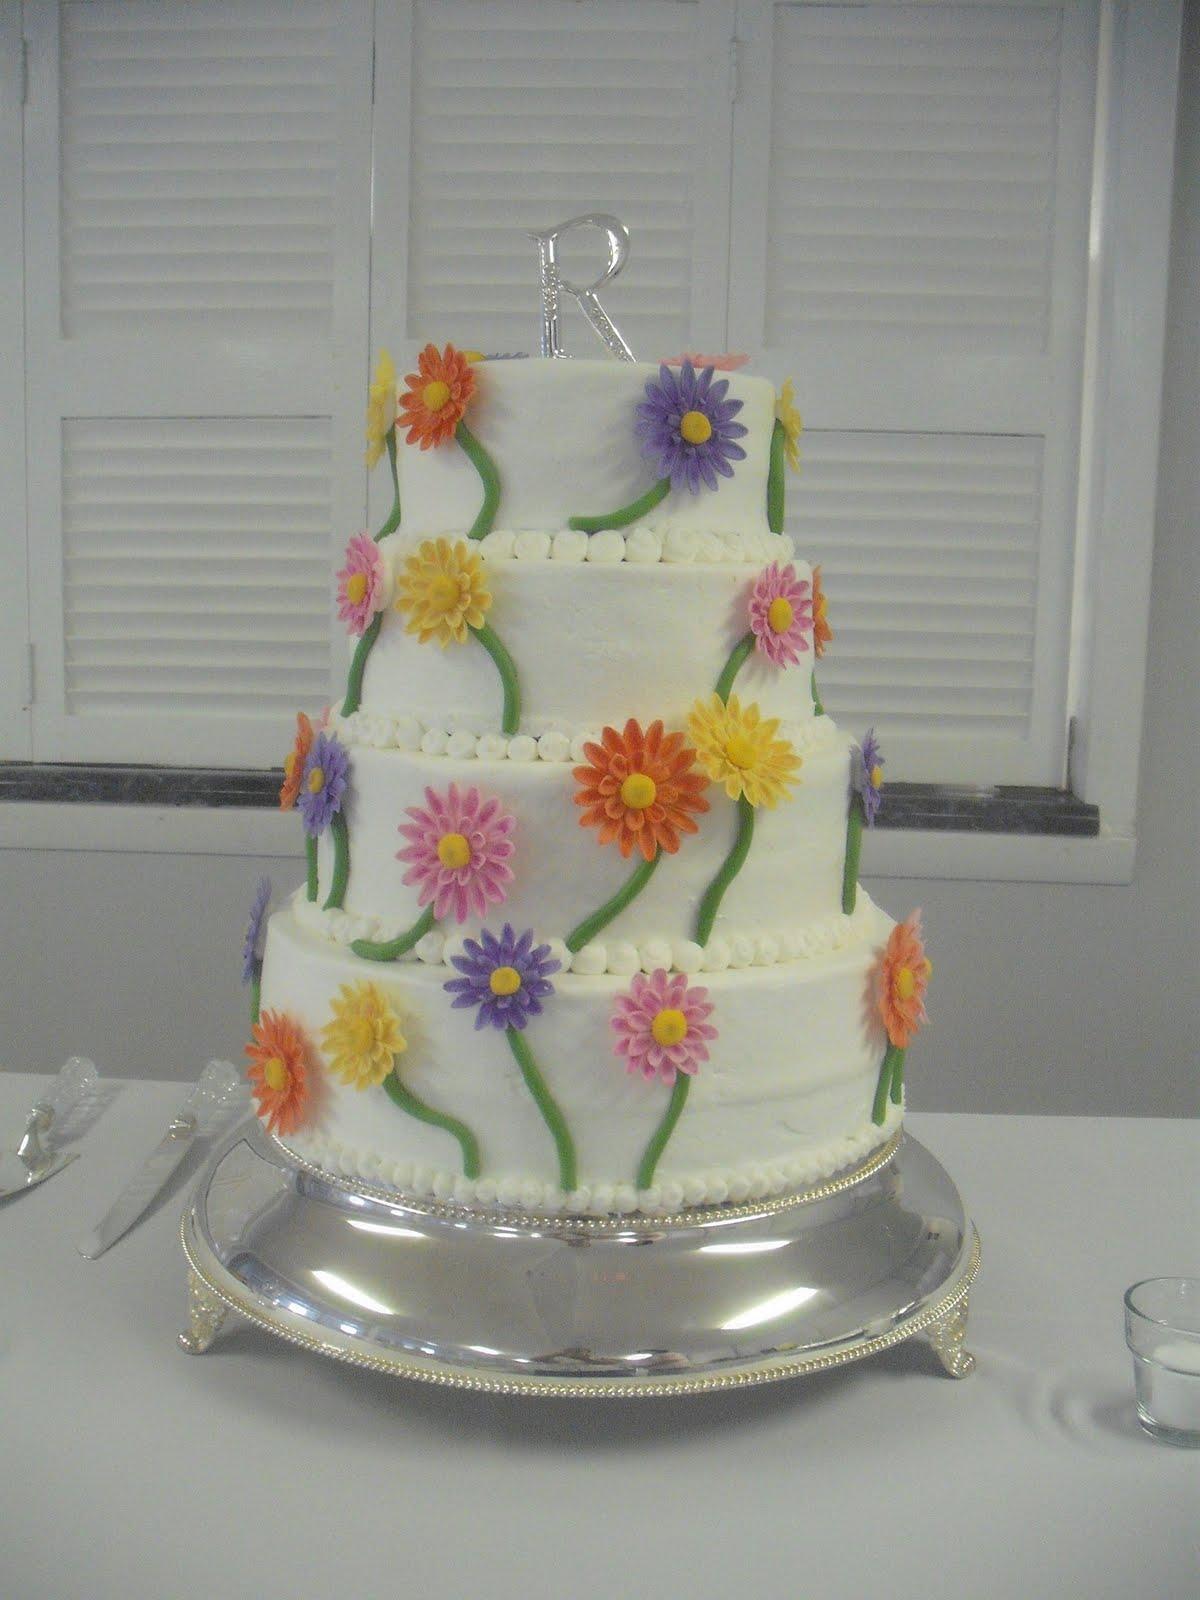 Crazy Daisy Cakes & More Gerber Daisy Wedding Cake